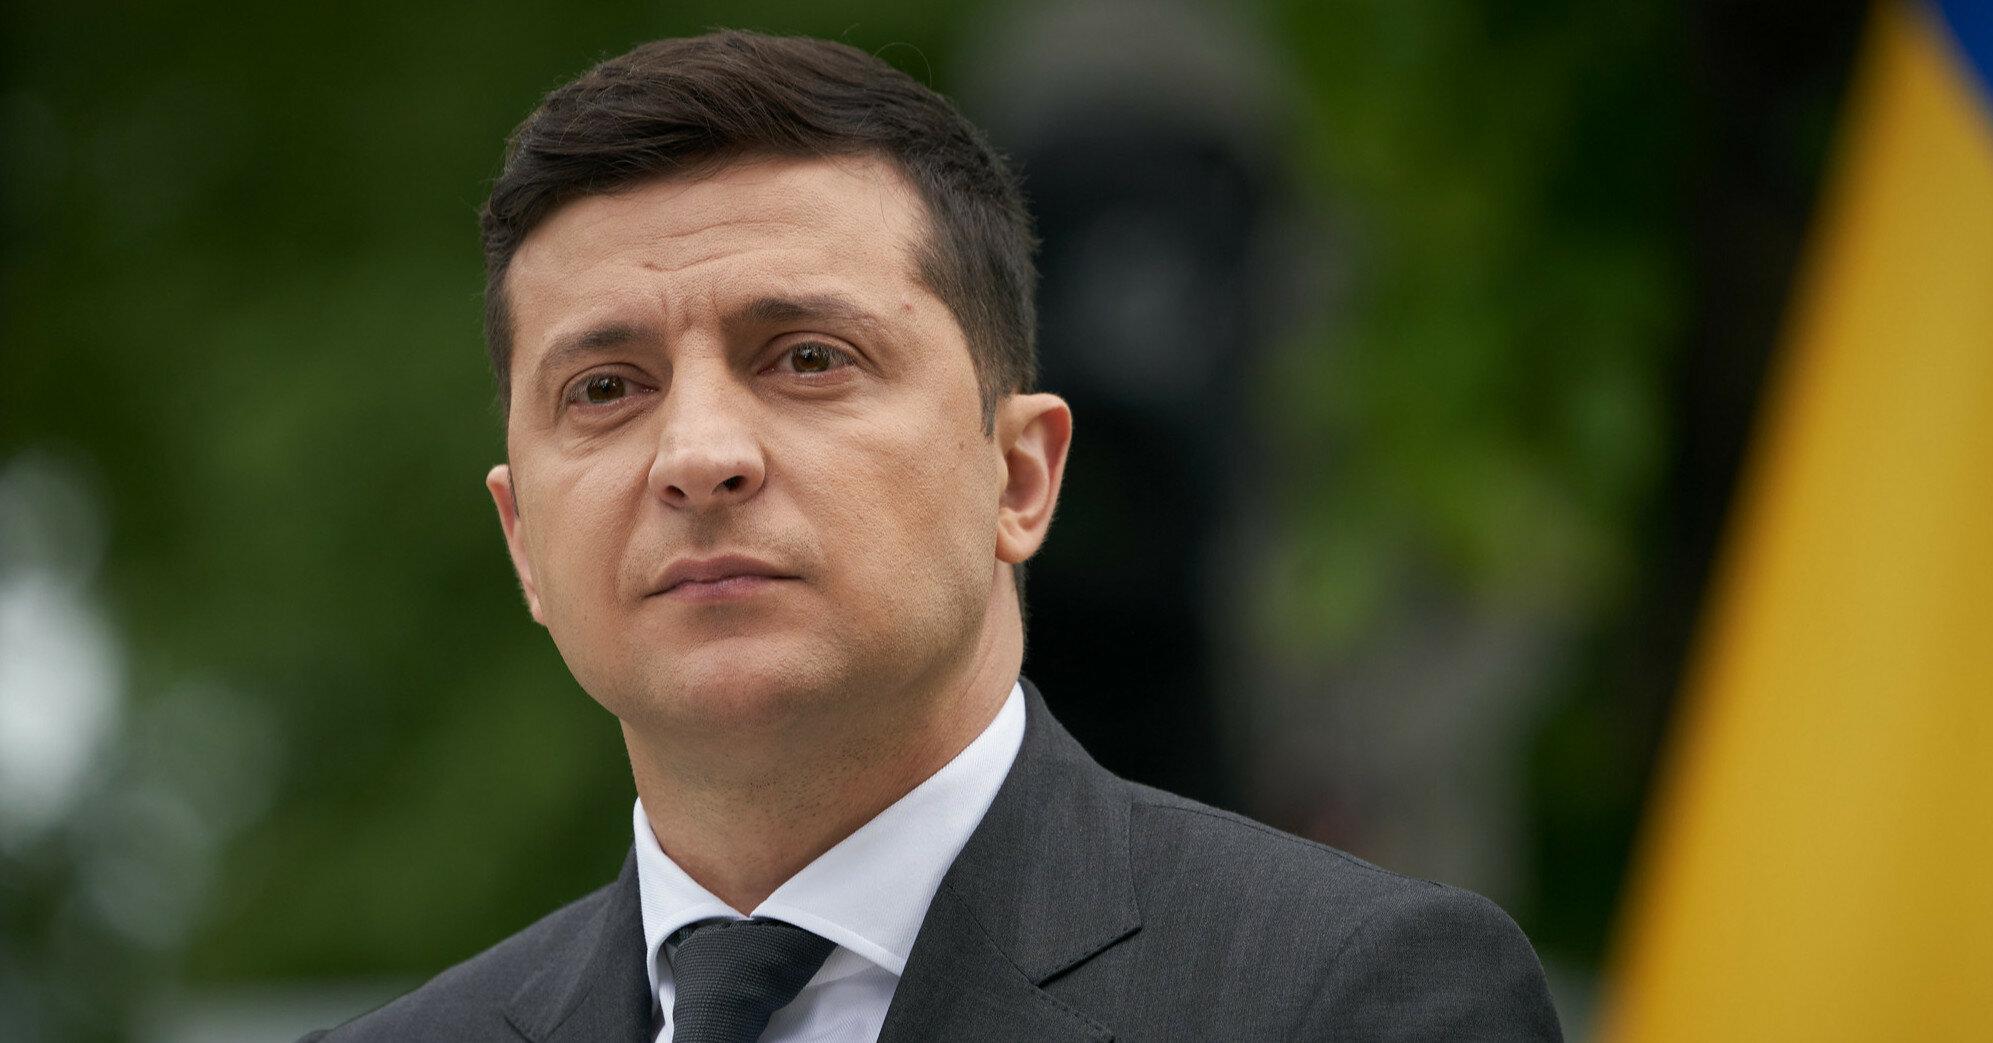 Действующему президенту доверяет почти половина украинцев – опрос